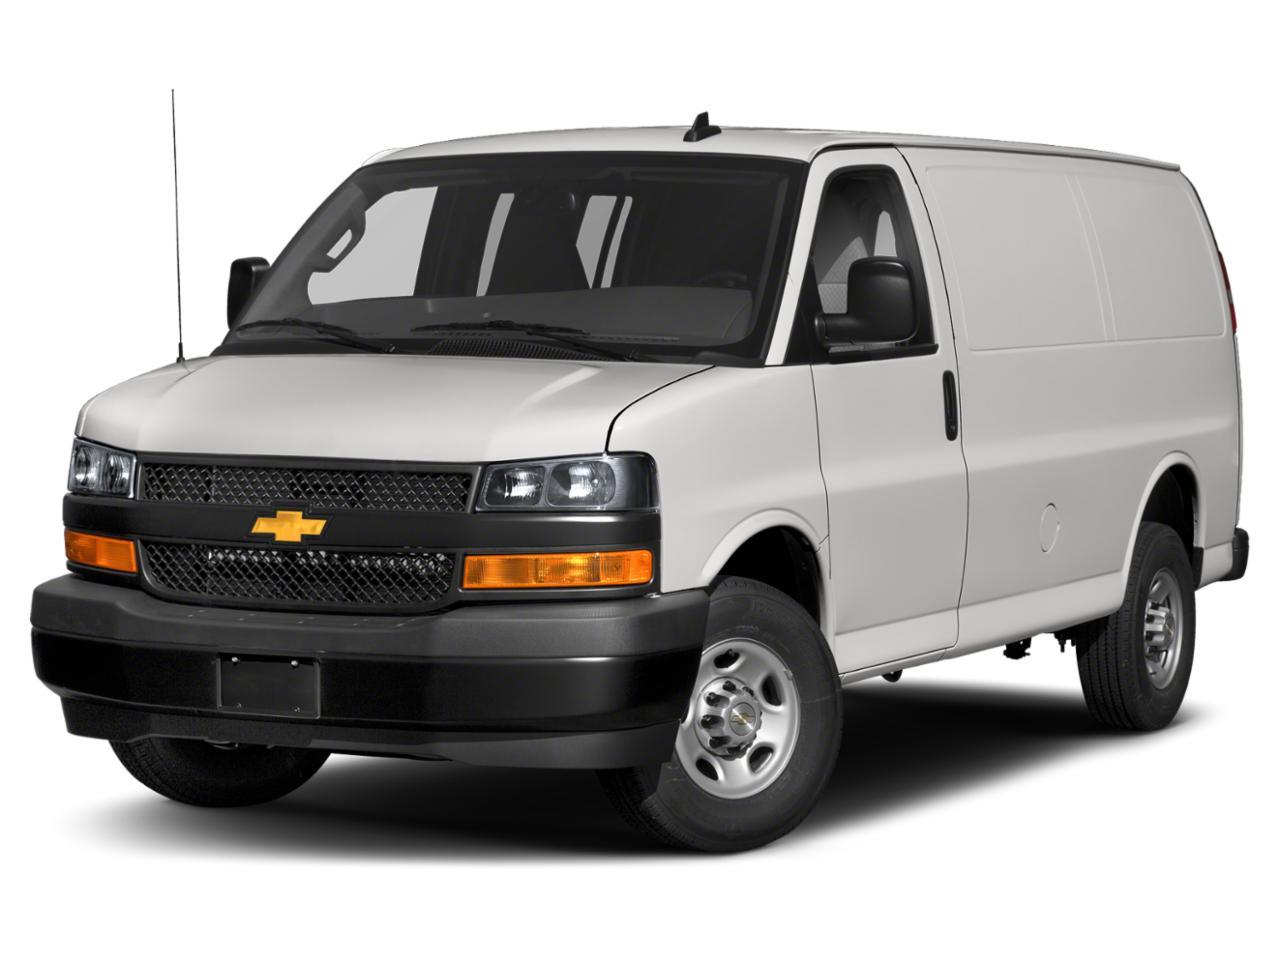 2020 Chevrolet Express Cargo Van Vehicle Photo in Hamden, CT 06517